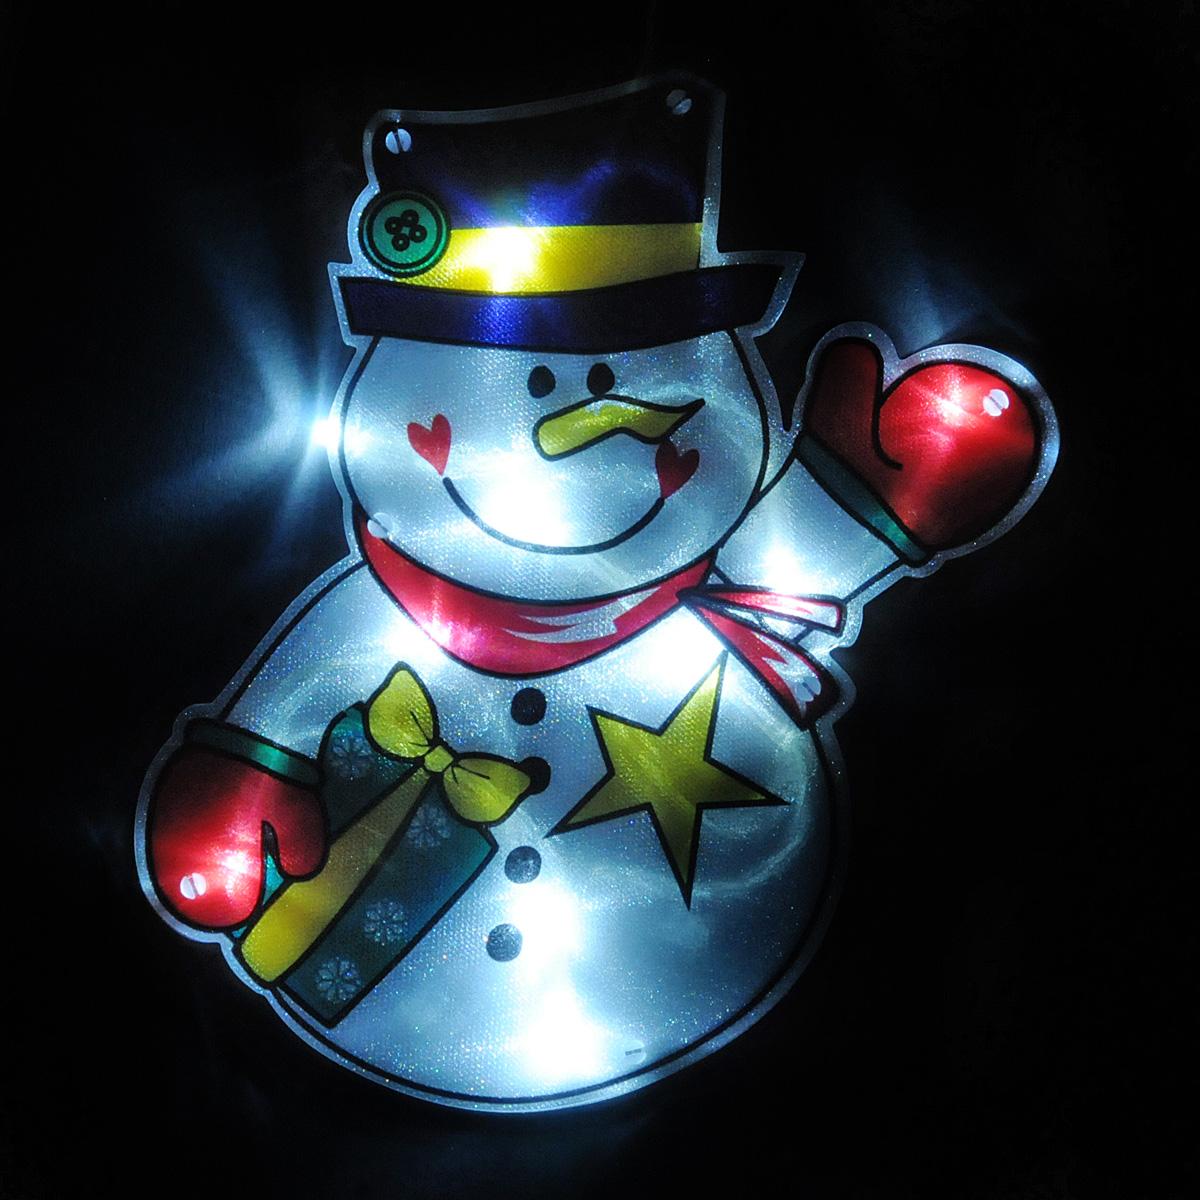 Светильник Lunten Ranta Снеговик, 17 см х 21 см66423Светильник Lunten Ranta Снеговик выполнен из высококачественного пластика. Особенностью данной фигурки является наличие светодиодного устройства, благодаря которому украшение светится. Светильник оснащен силиконовой присоской для крепления к стеклу.Такой оригинальный светильник оформит интерьер вашего дома или офиса в преддверии Нового года. Оригинальный дизайн и красочное исполнение создадут праздничное настроение. Кроме того, это отличный вариант подарка для ваших близких и друзей.УВАЖАЕМЫЕ КЛИЕНТЫ!Светильник работает от 3-х батареек типа ААА. Батарейки не входят в комплект.